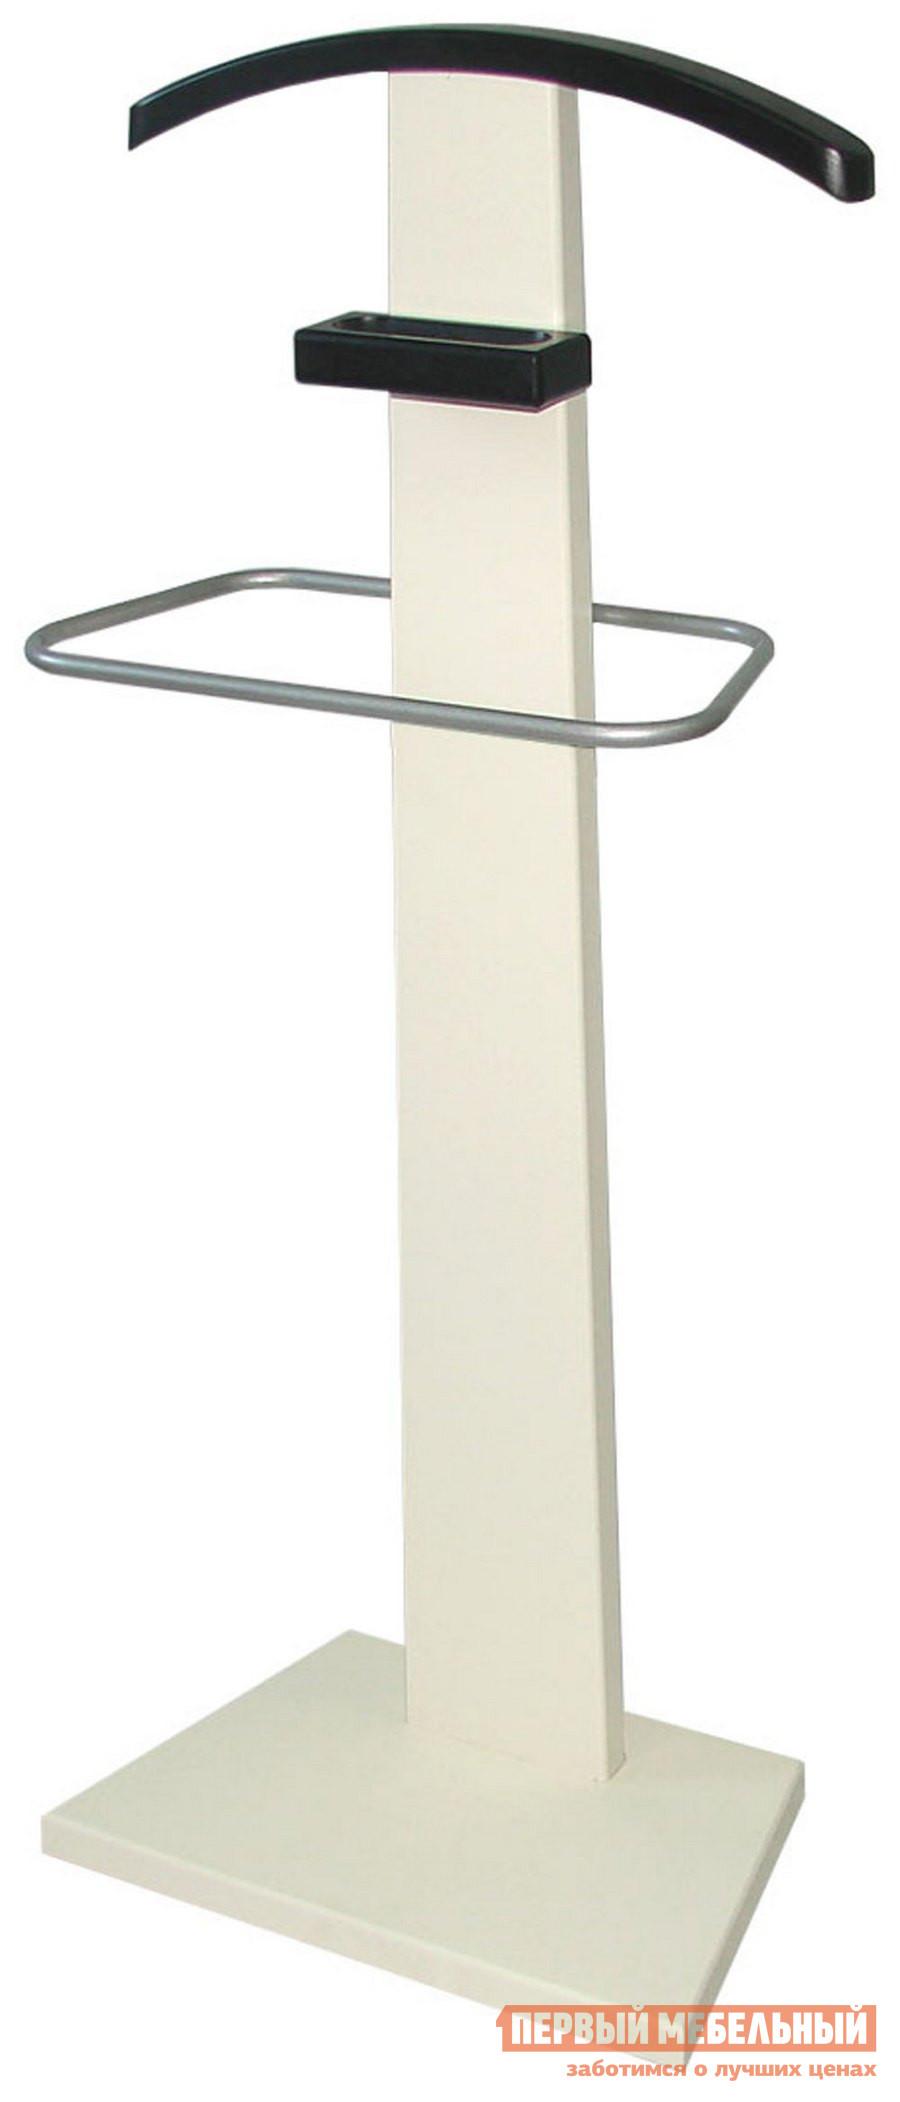 мебелик костюмная вешалка галант 332 алюминий средне коричневый Костюмная вешалка Мебелик Галант 322